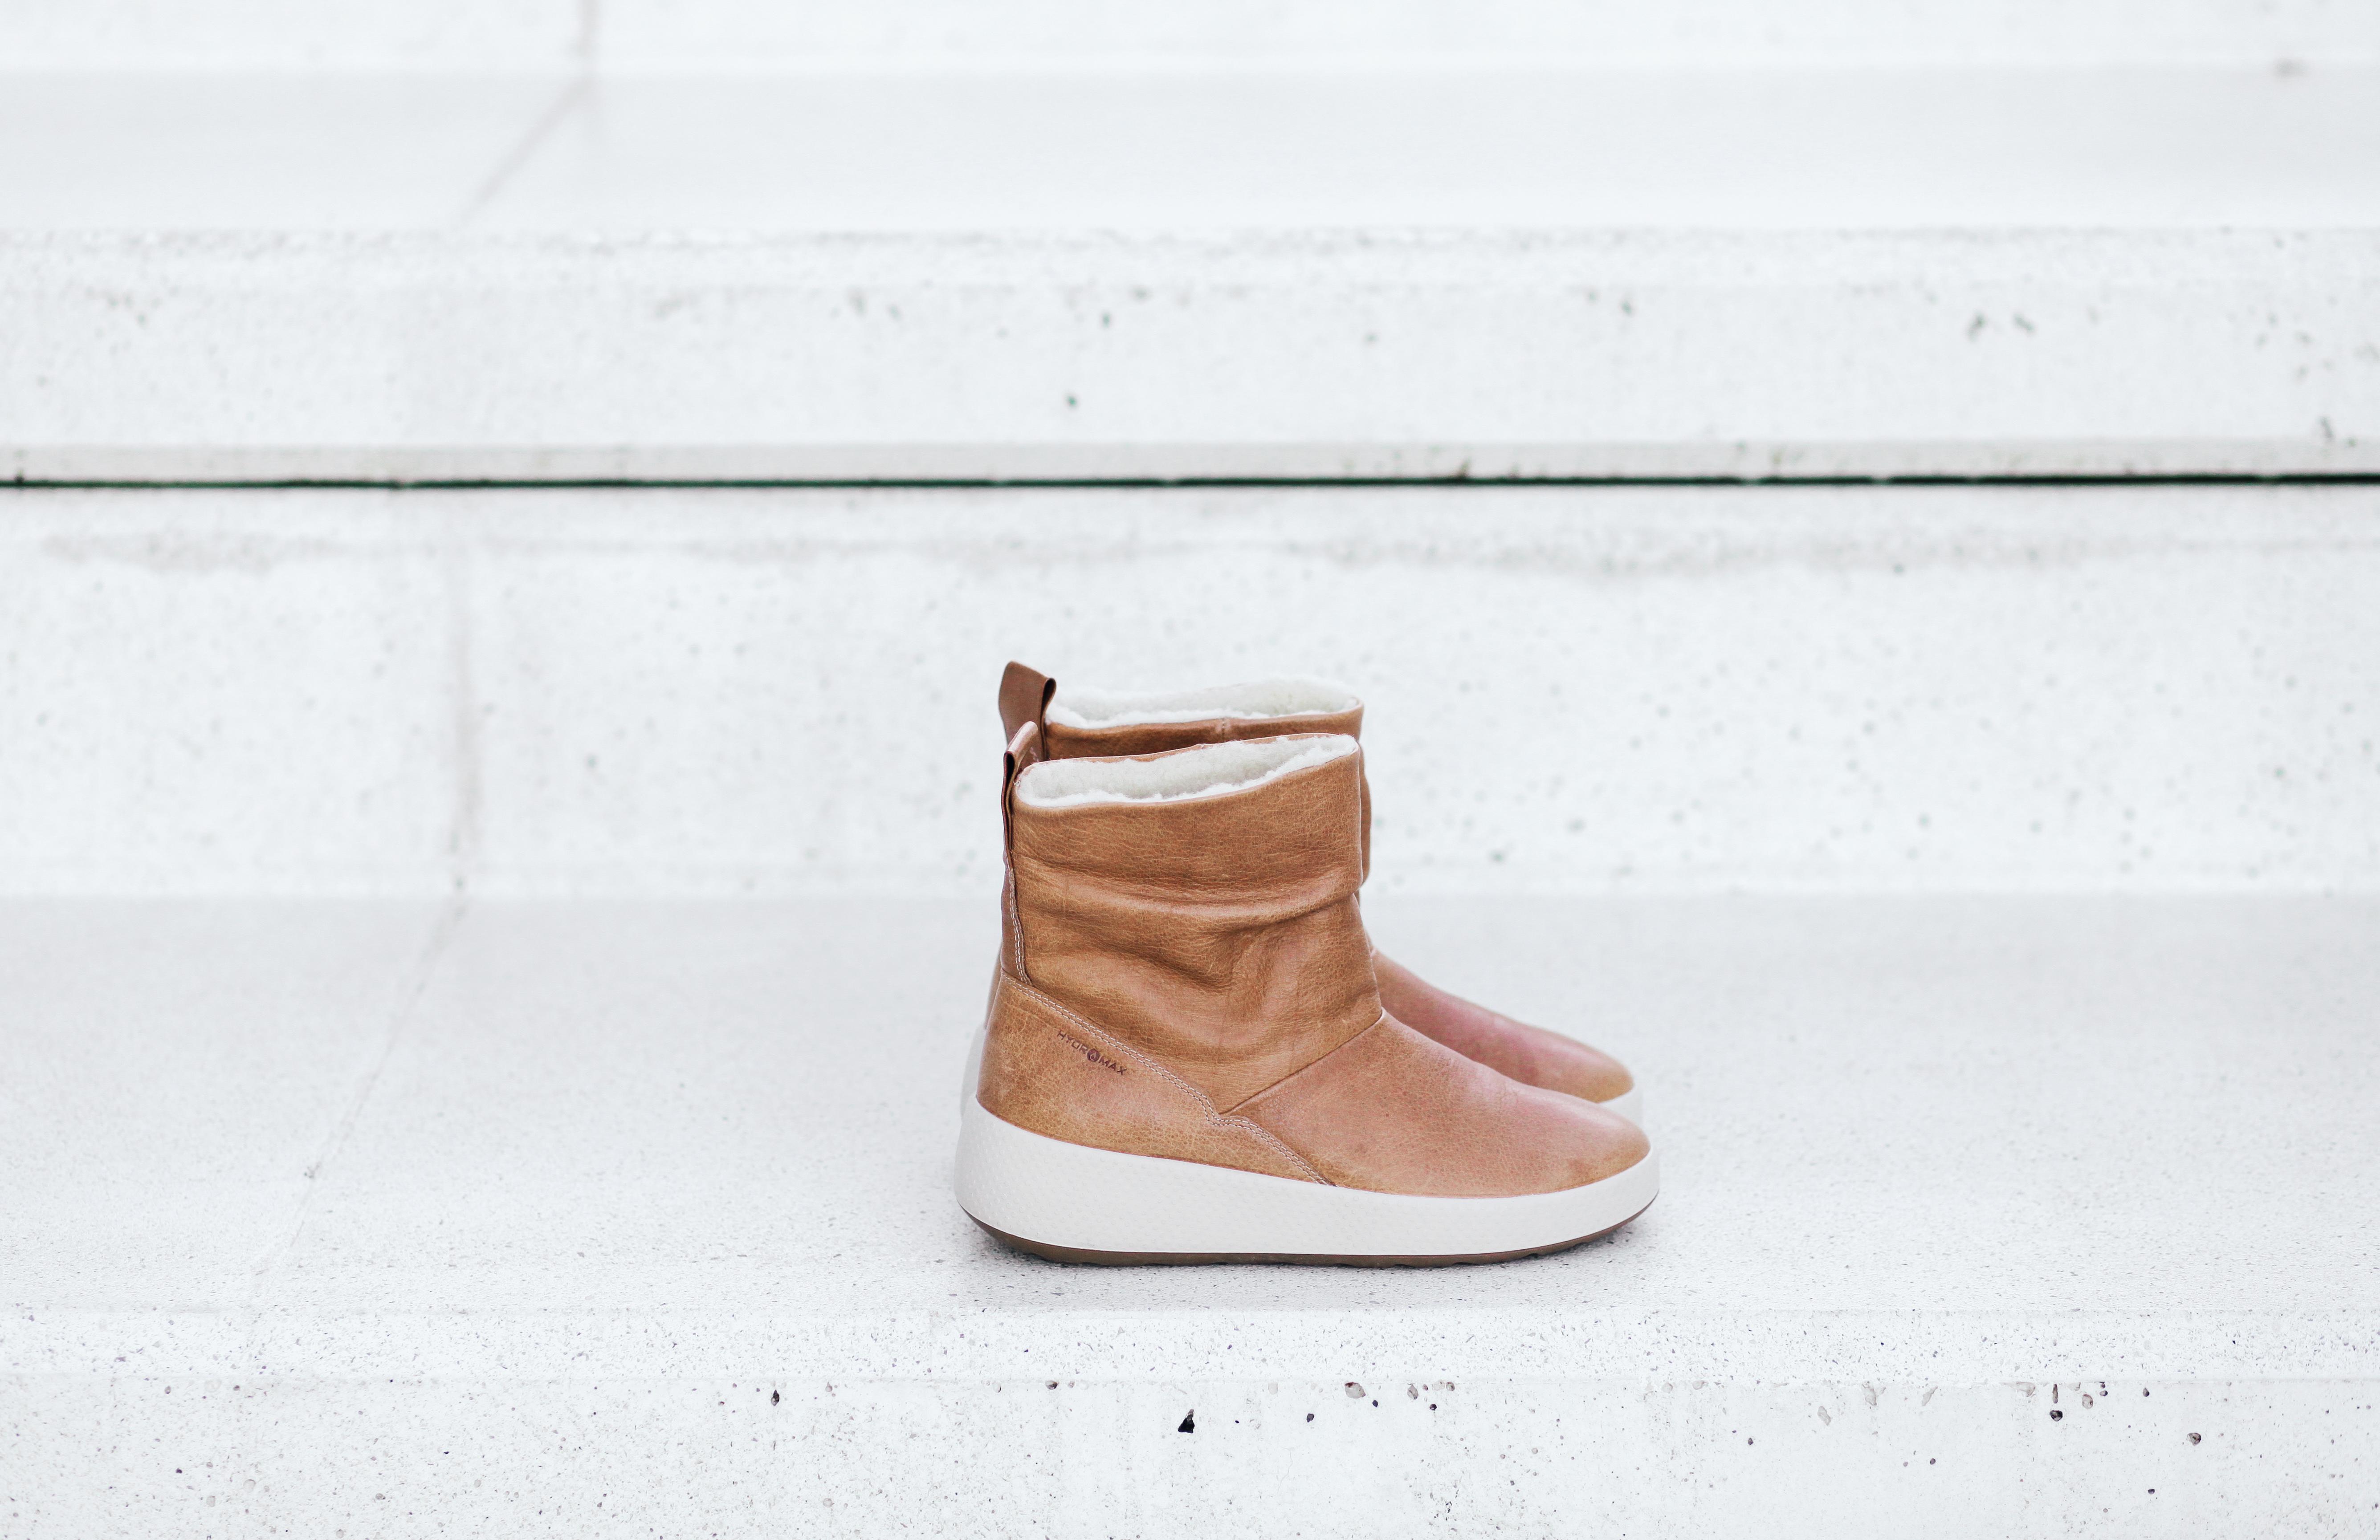 191daf6f81a Du finner de brune skoene HER ←